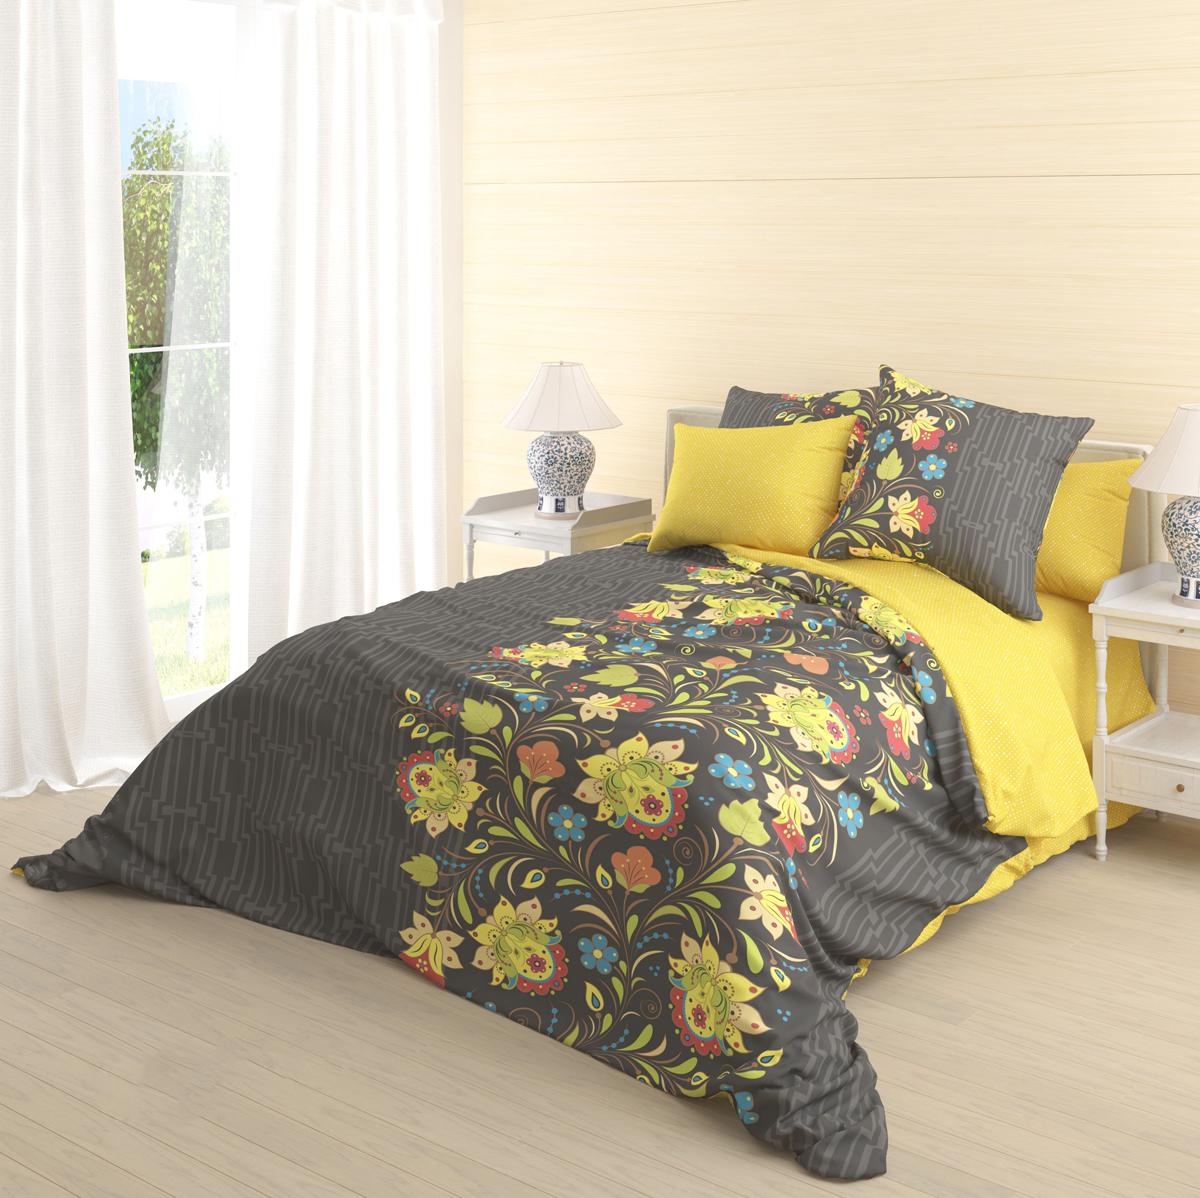 Комплект белья Волшебная ночь Veles, 1,5-спальный, наволочки 70х70 см718600